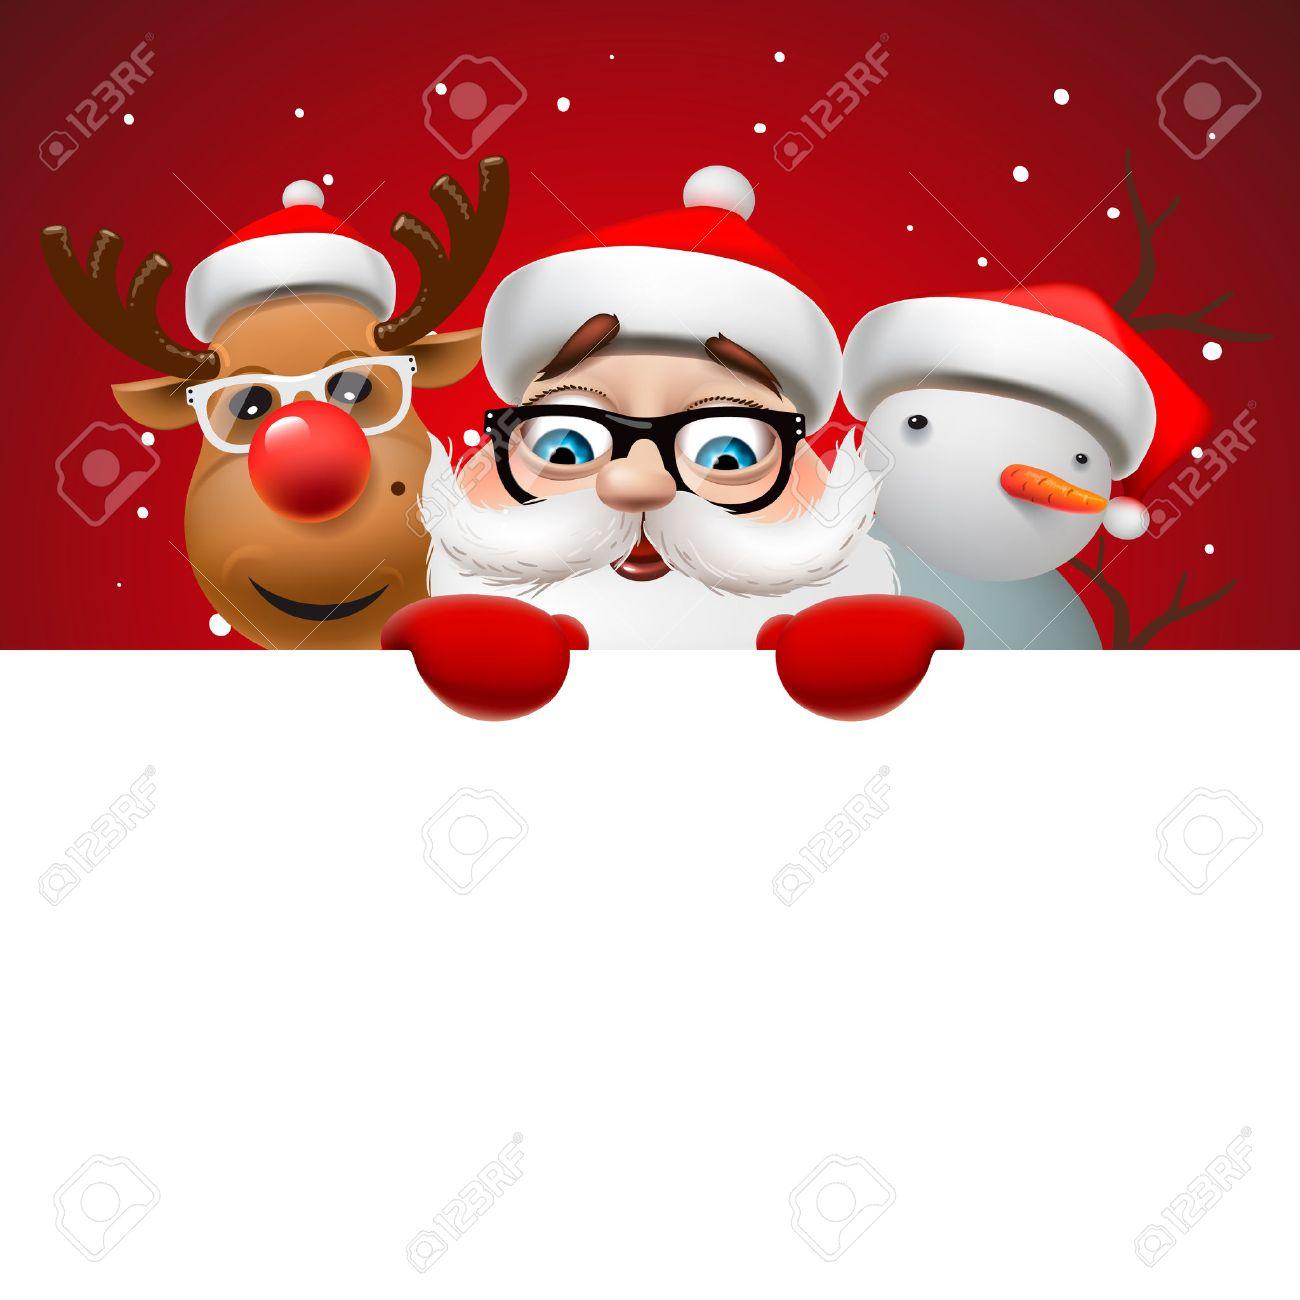 Grußkarte, Weihnachtskarte mit Santa Claus, Hirsch und Schneemann, Vektor-Illustration. Standard-Bild - 47864138